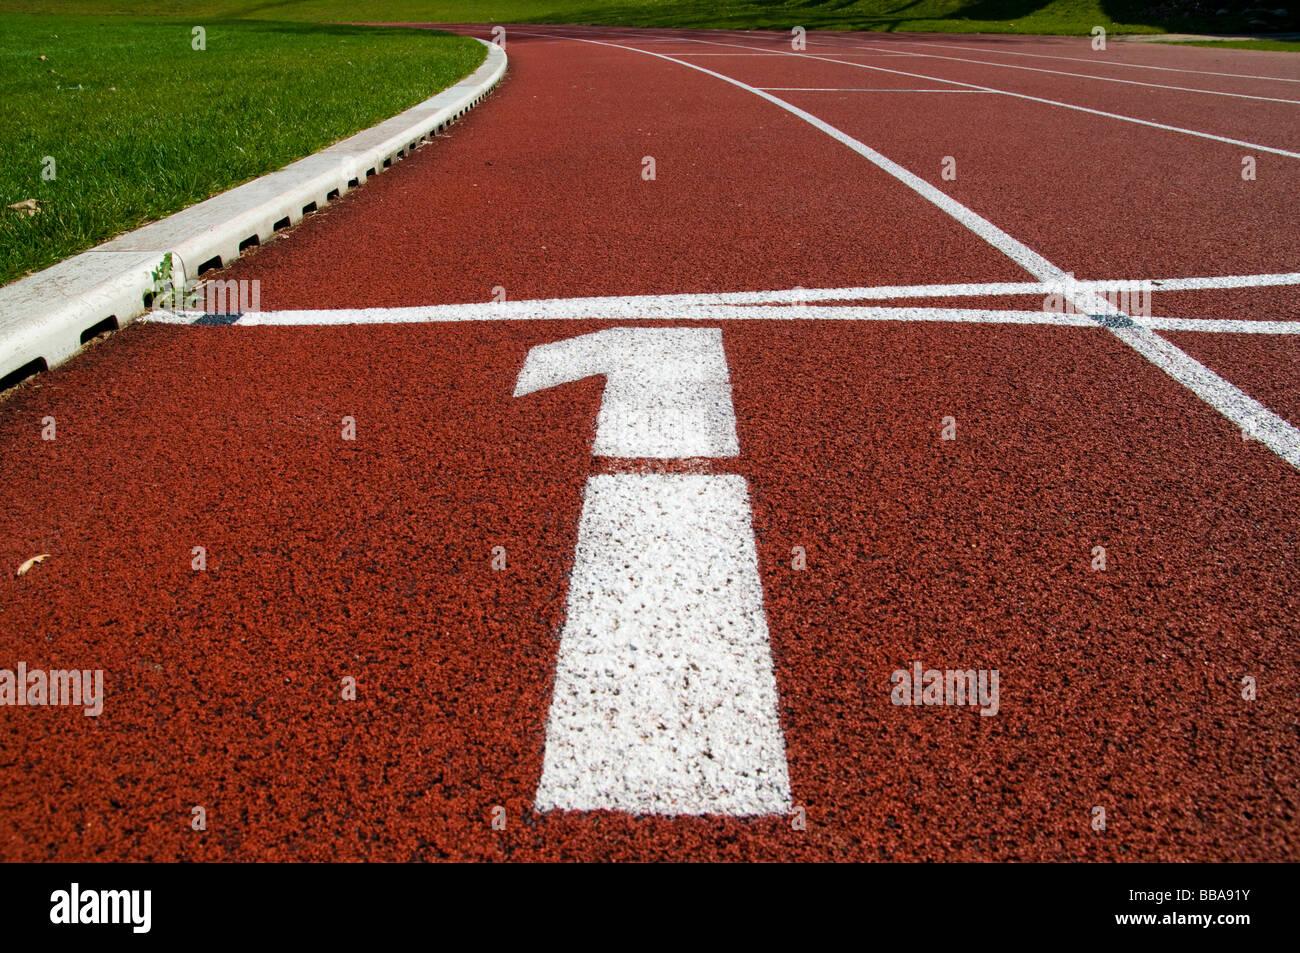 Laufenden Track Nummer 1 in einem Stadion Stockbild